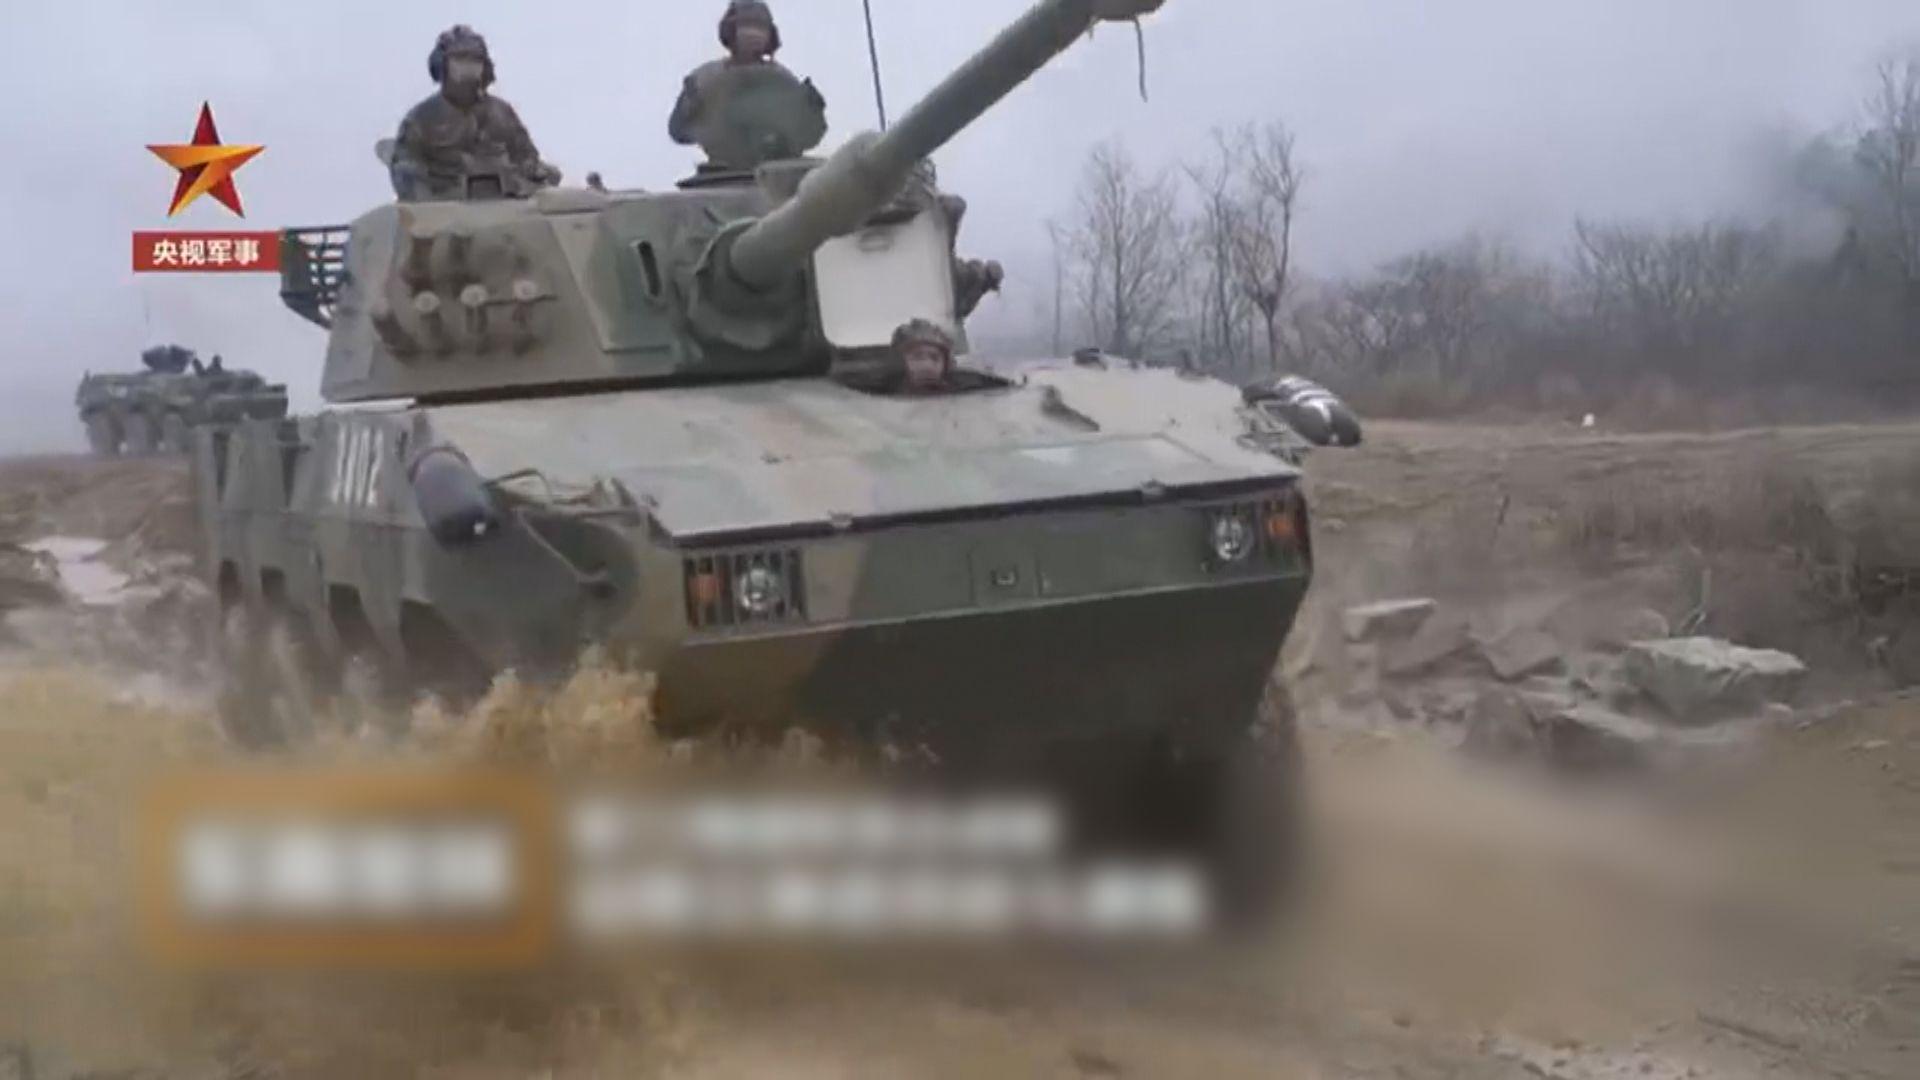 解放軍第72集團軍進行進攻戰鬥演練